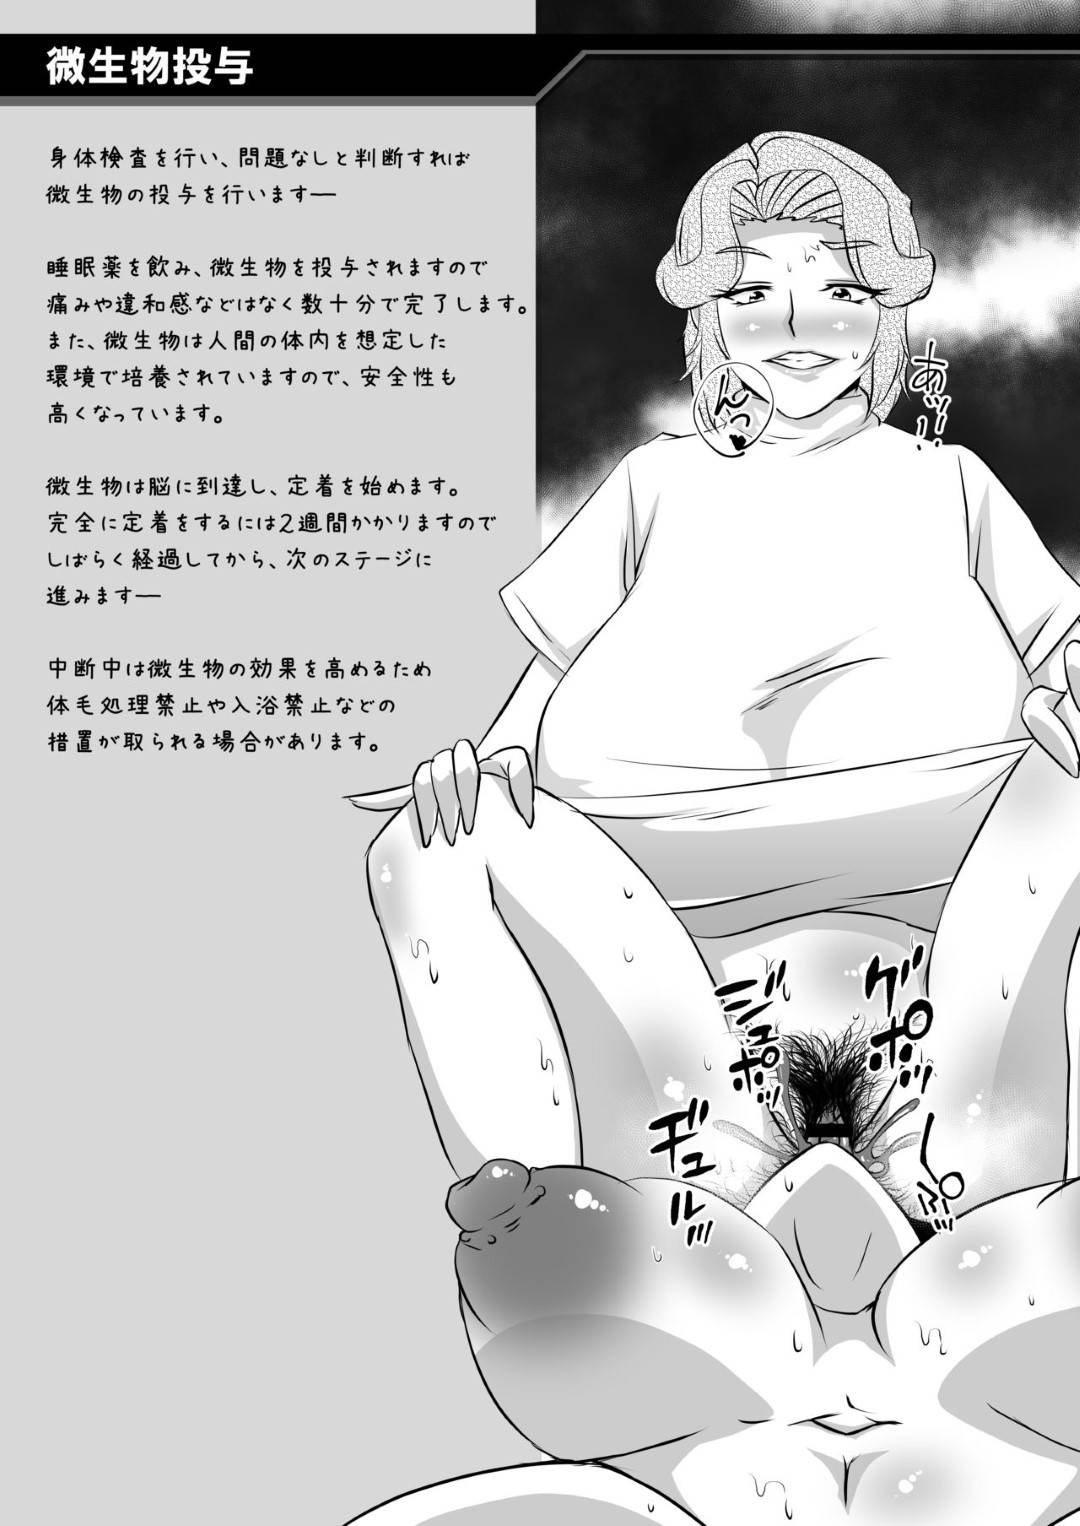 微生物エステを受けた熟女3名…催眠調教されていて4Pレズ快楽堕ちセックスでトロ顔になっちゃう!【山紫水明:礼香先生の淫蟲尻穴エステ2 】